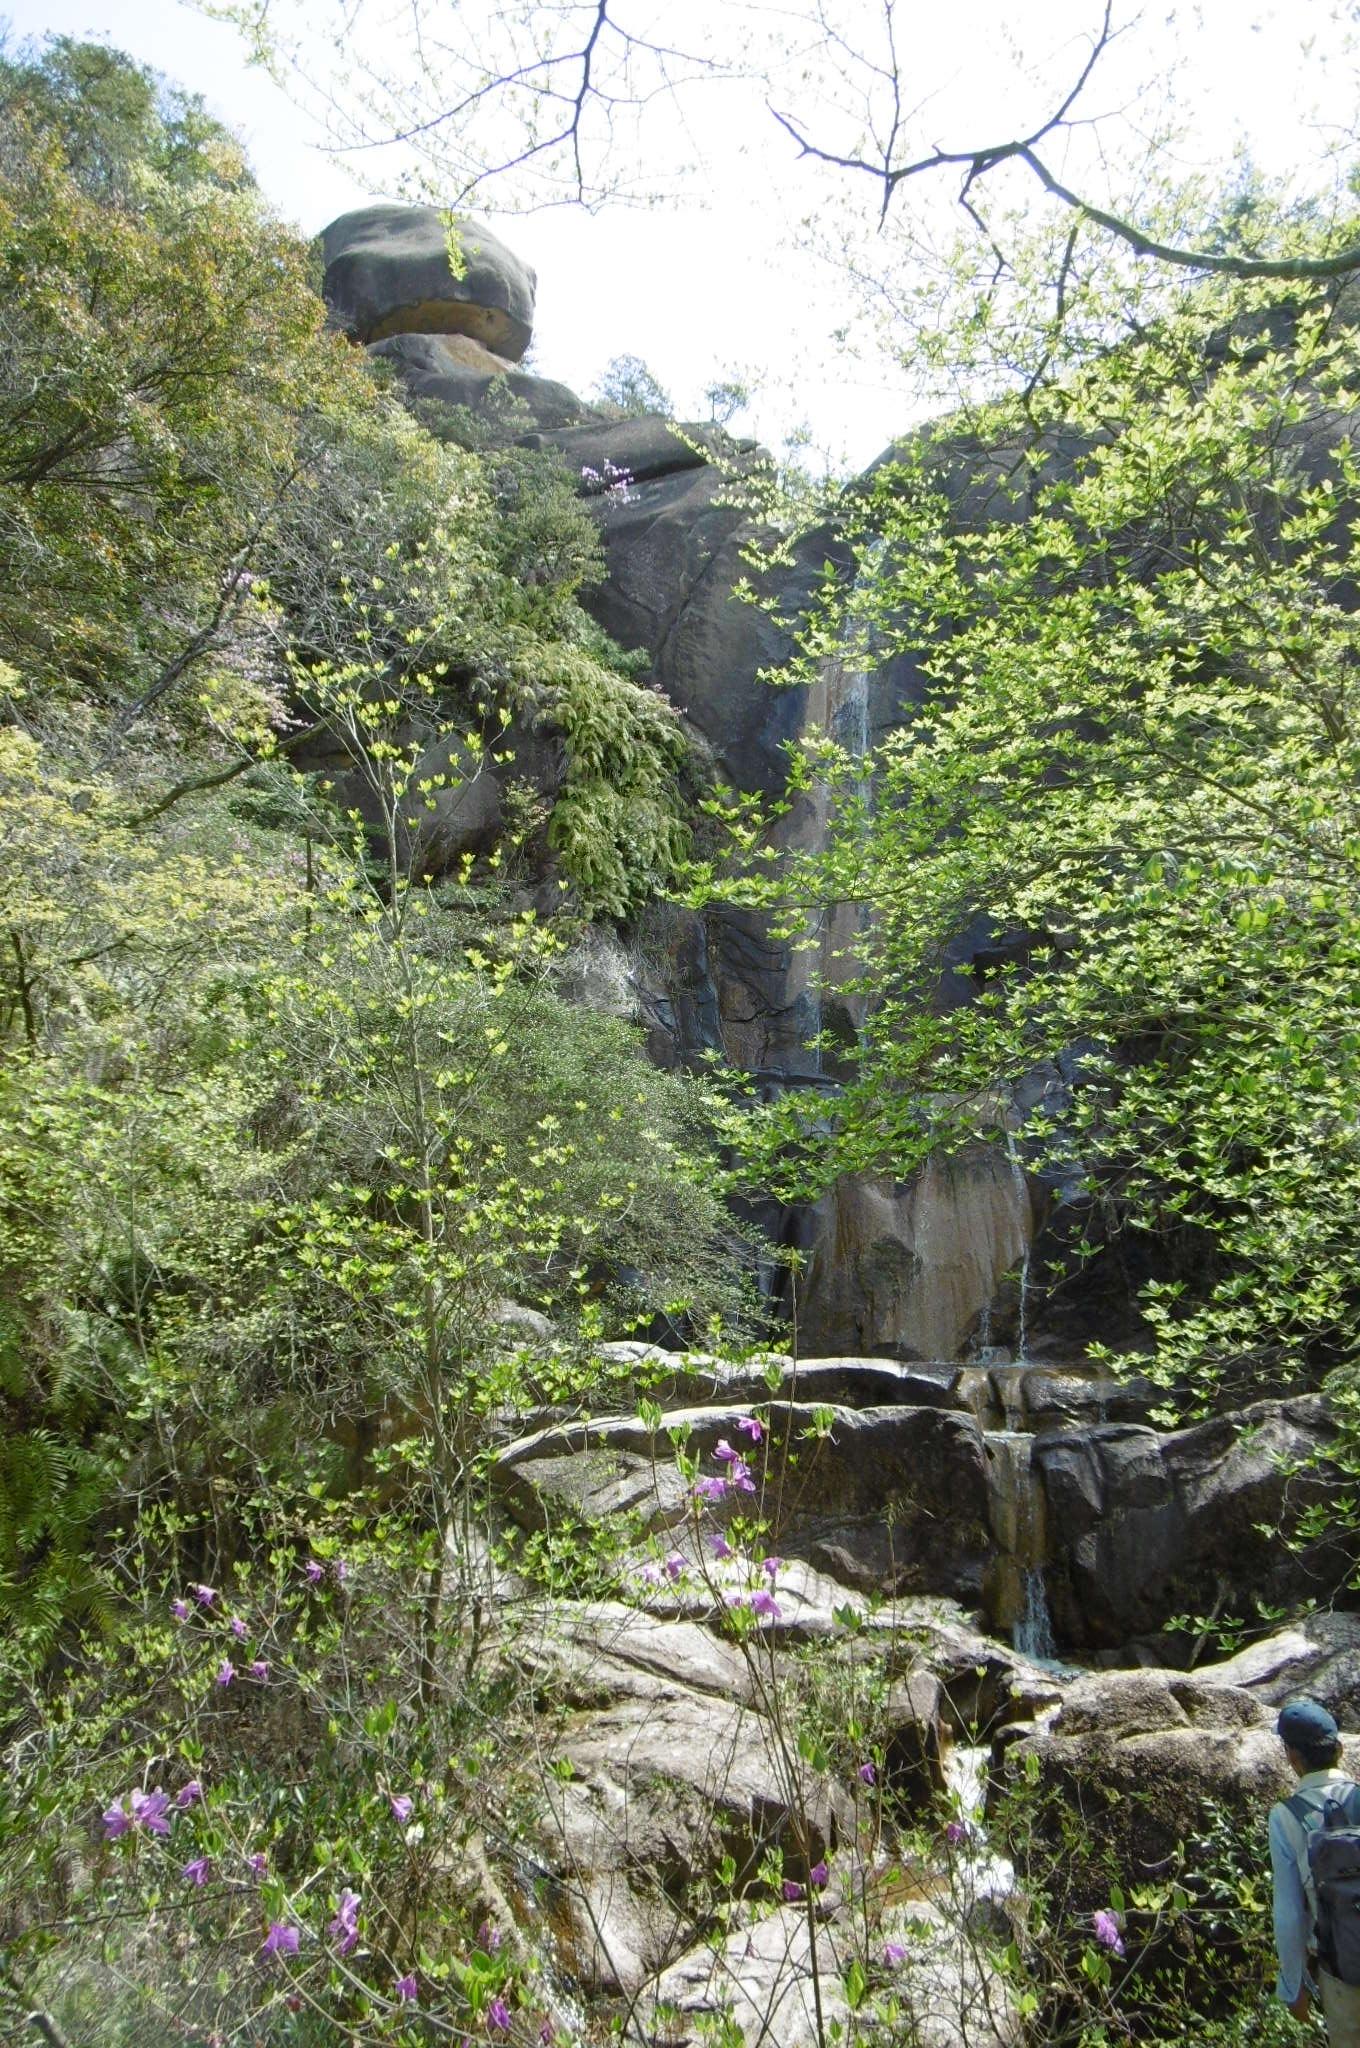 花崗岩の岩間から水を落とす落ケ滝